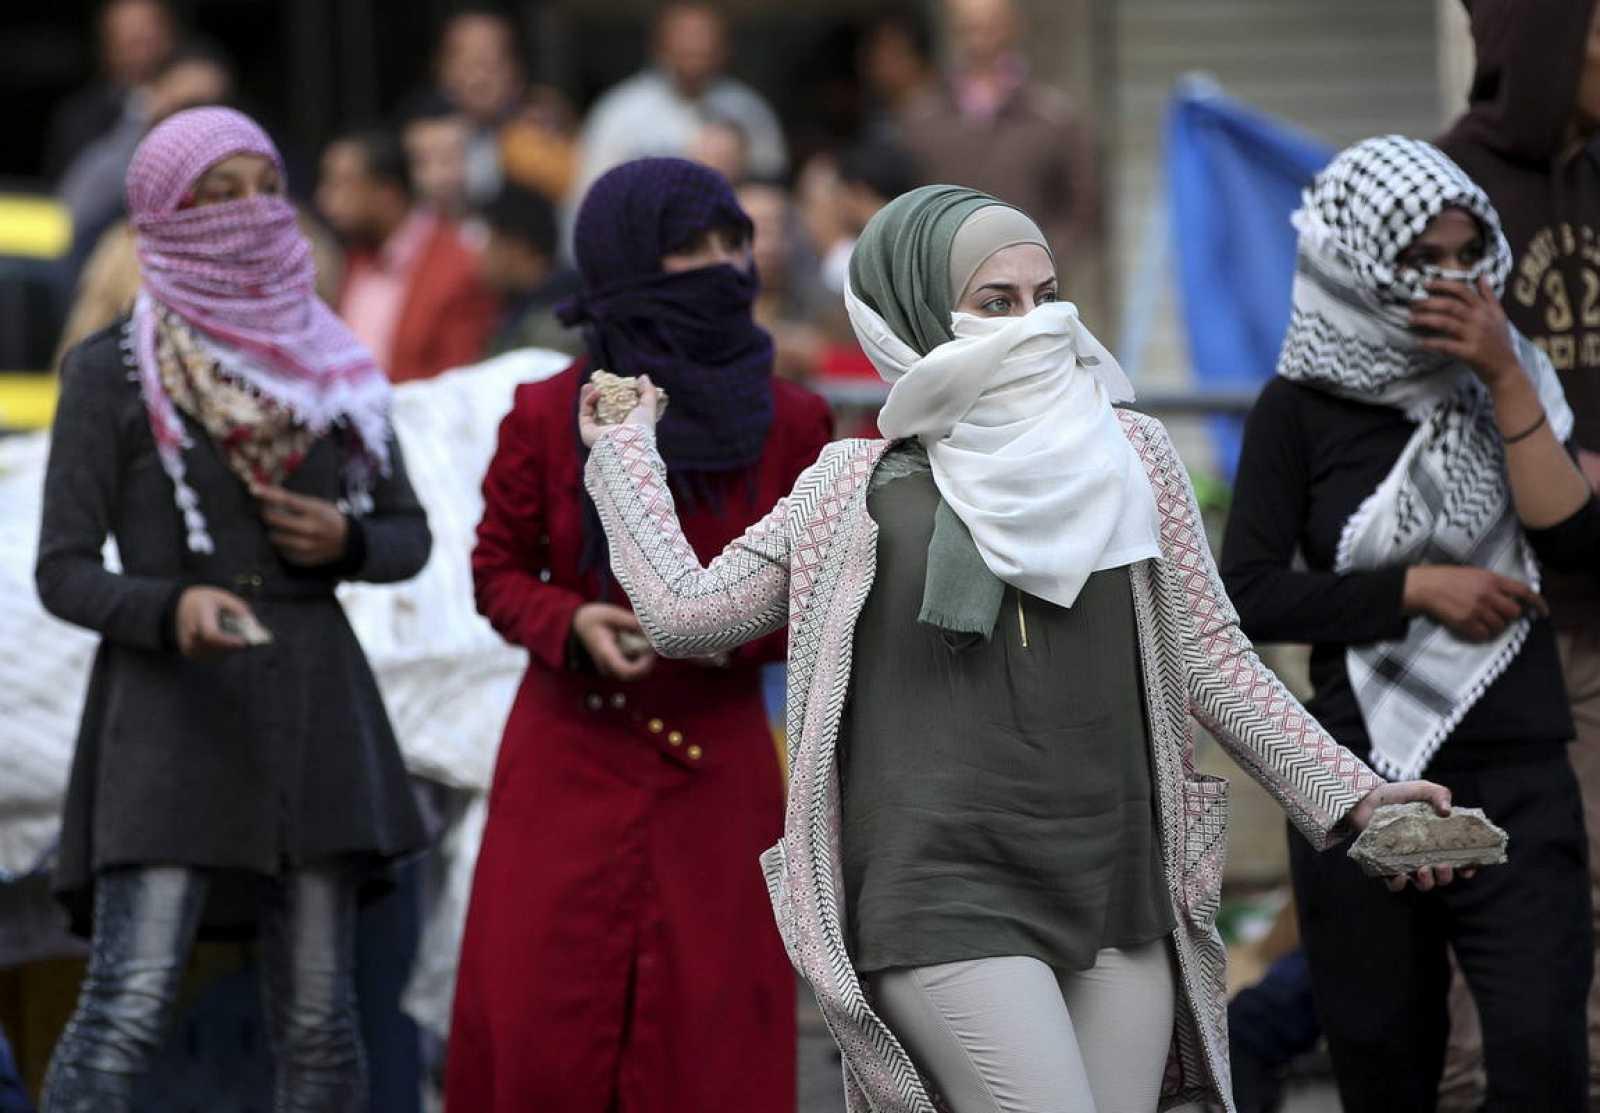 Manifestantes palestinas lanzan piedras durante los enfrentamientos contra las fuerzas israelíes, en Hebrón (Cisjordania), debido a las a escala de violencia en la región.